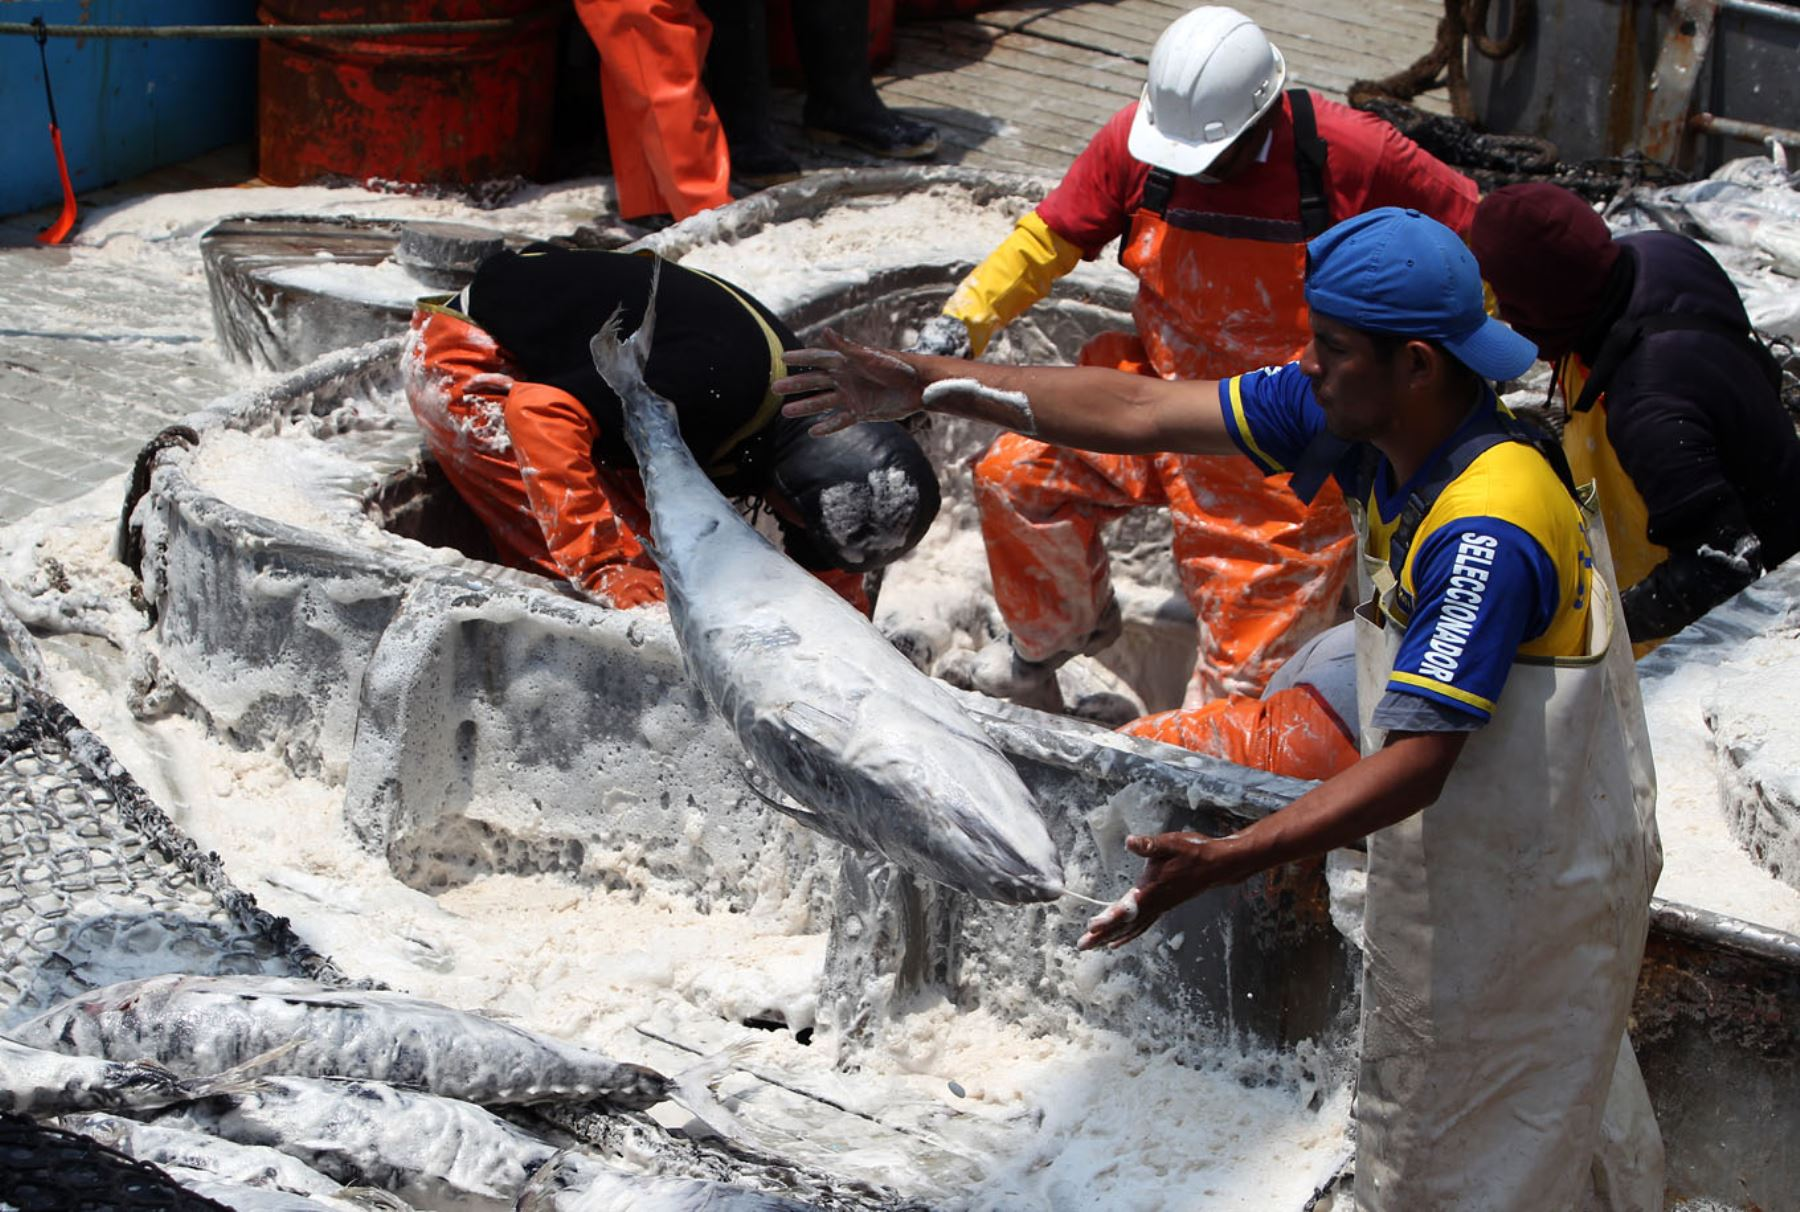 LIMA,PERÚ-ENERO 10.Ministro Bruno Giuffra,inspecciona primer desembarque de pesca de Atún capturado en mar peruano en Frontera con Chile.Foto:ANDINA/Héctor Vinces.